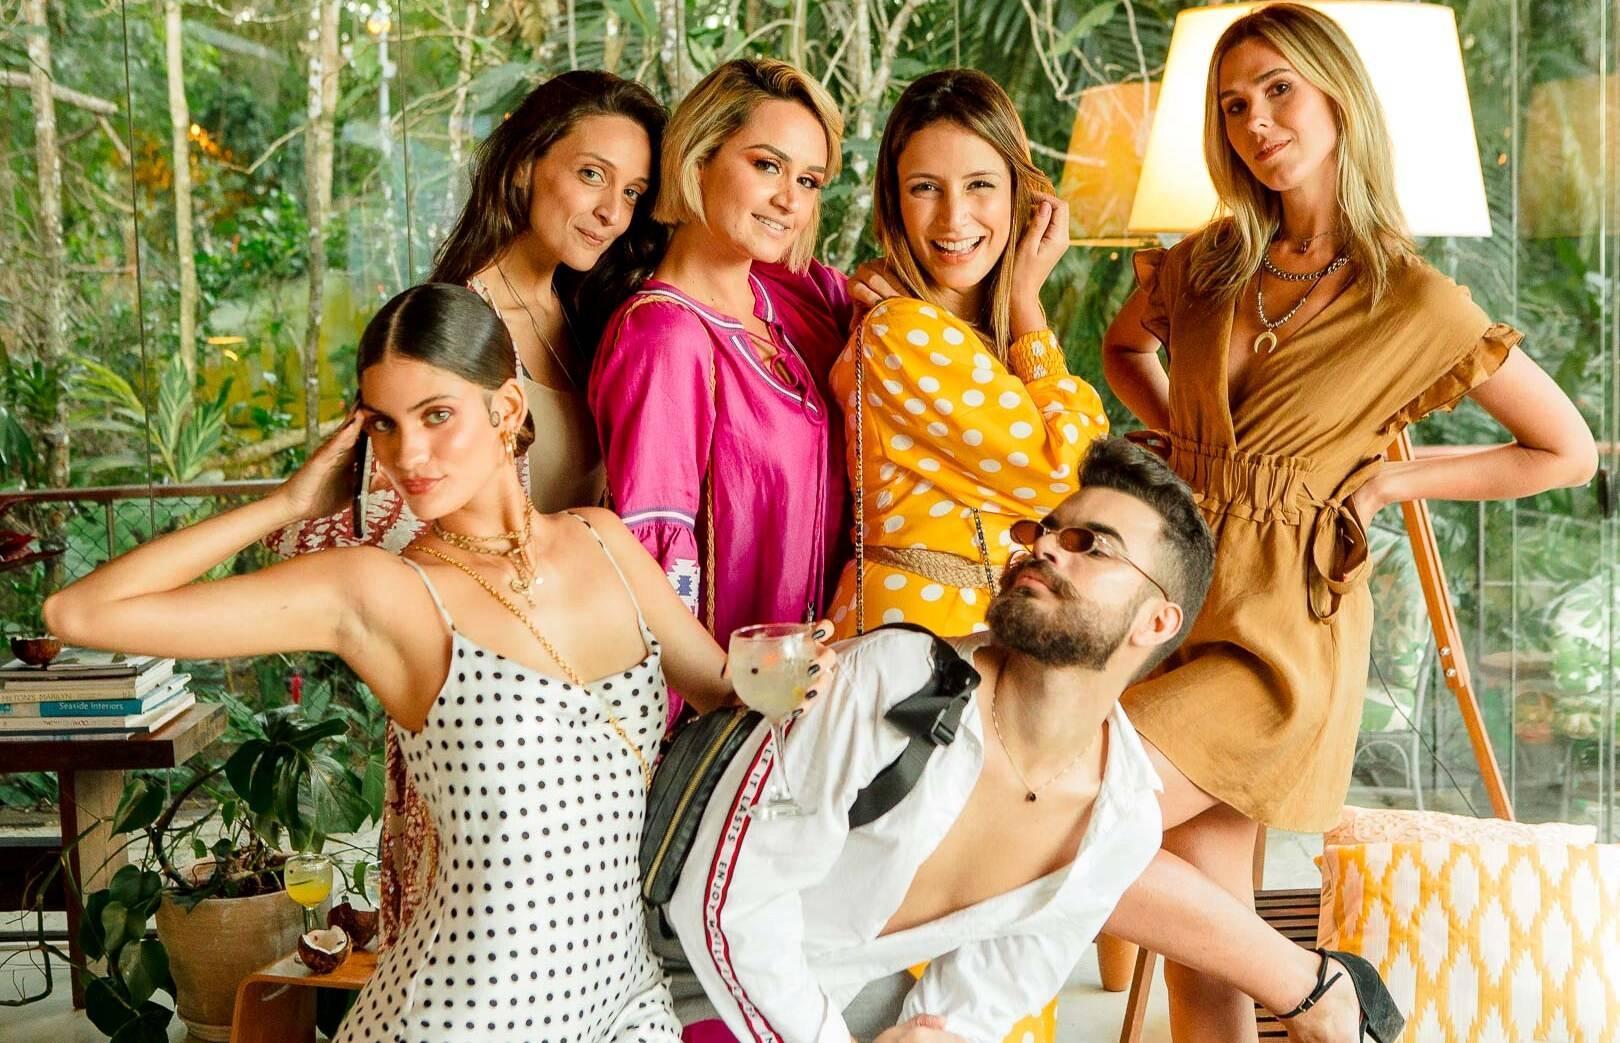 Laura Fernandez, Anna Medrado, Flávia Leite, Nívea Guimarães, Ju Miranda e Julio Barros / Foto: Bruno Ryfer